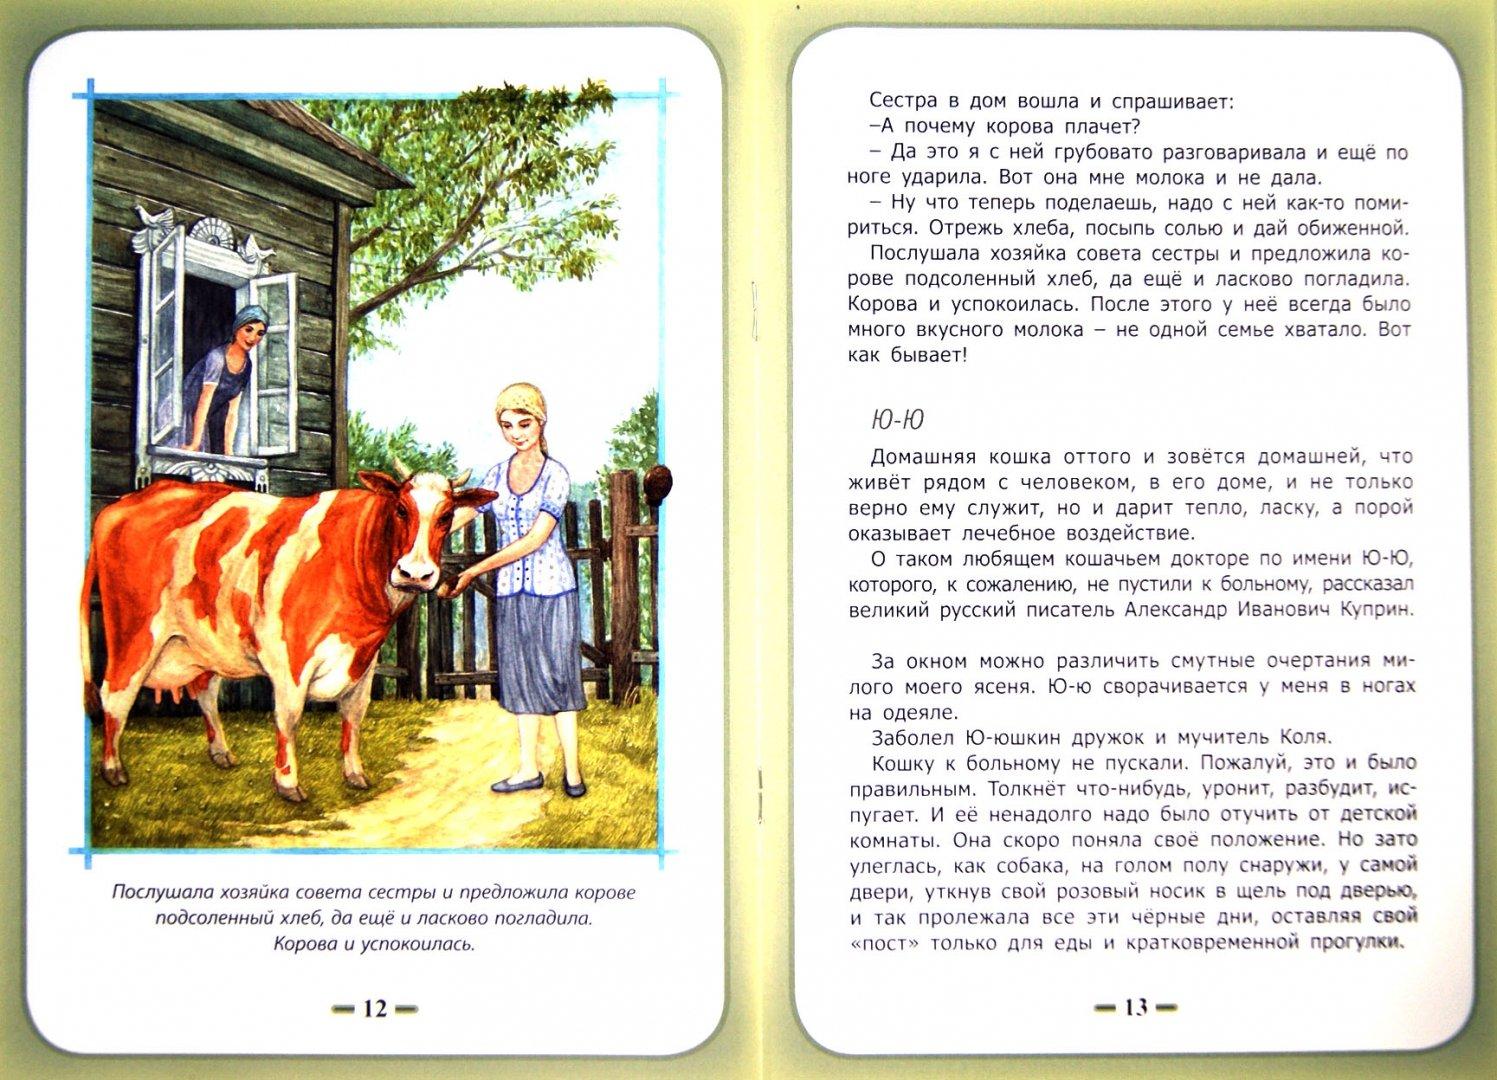 Иллюстрация 1 из 8 для Быть нужным человеку - Белевцева, Жданова | Лабиринт - книги. Источник: Лабиринт